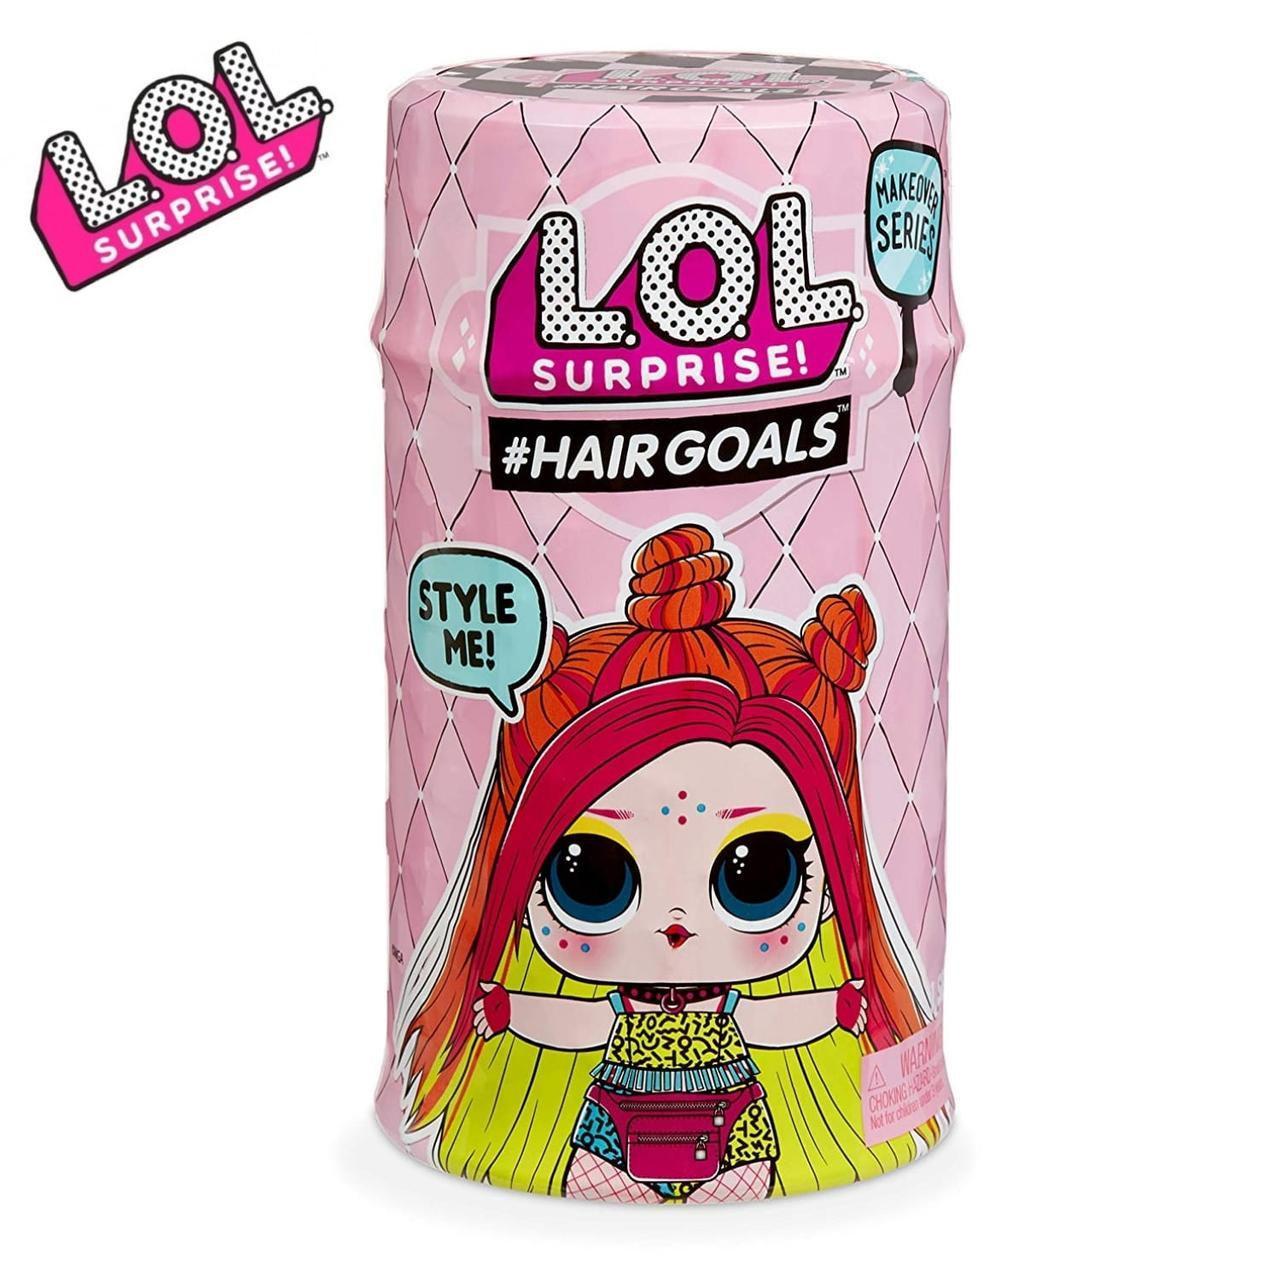 Оригинал L.O.L. Surprise Hairgoals 5 сезон S5 W2 Капсула ЛОЛ с волосами 556220-W2